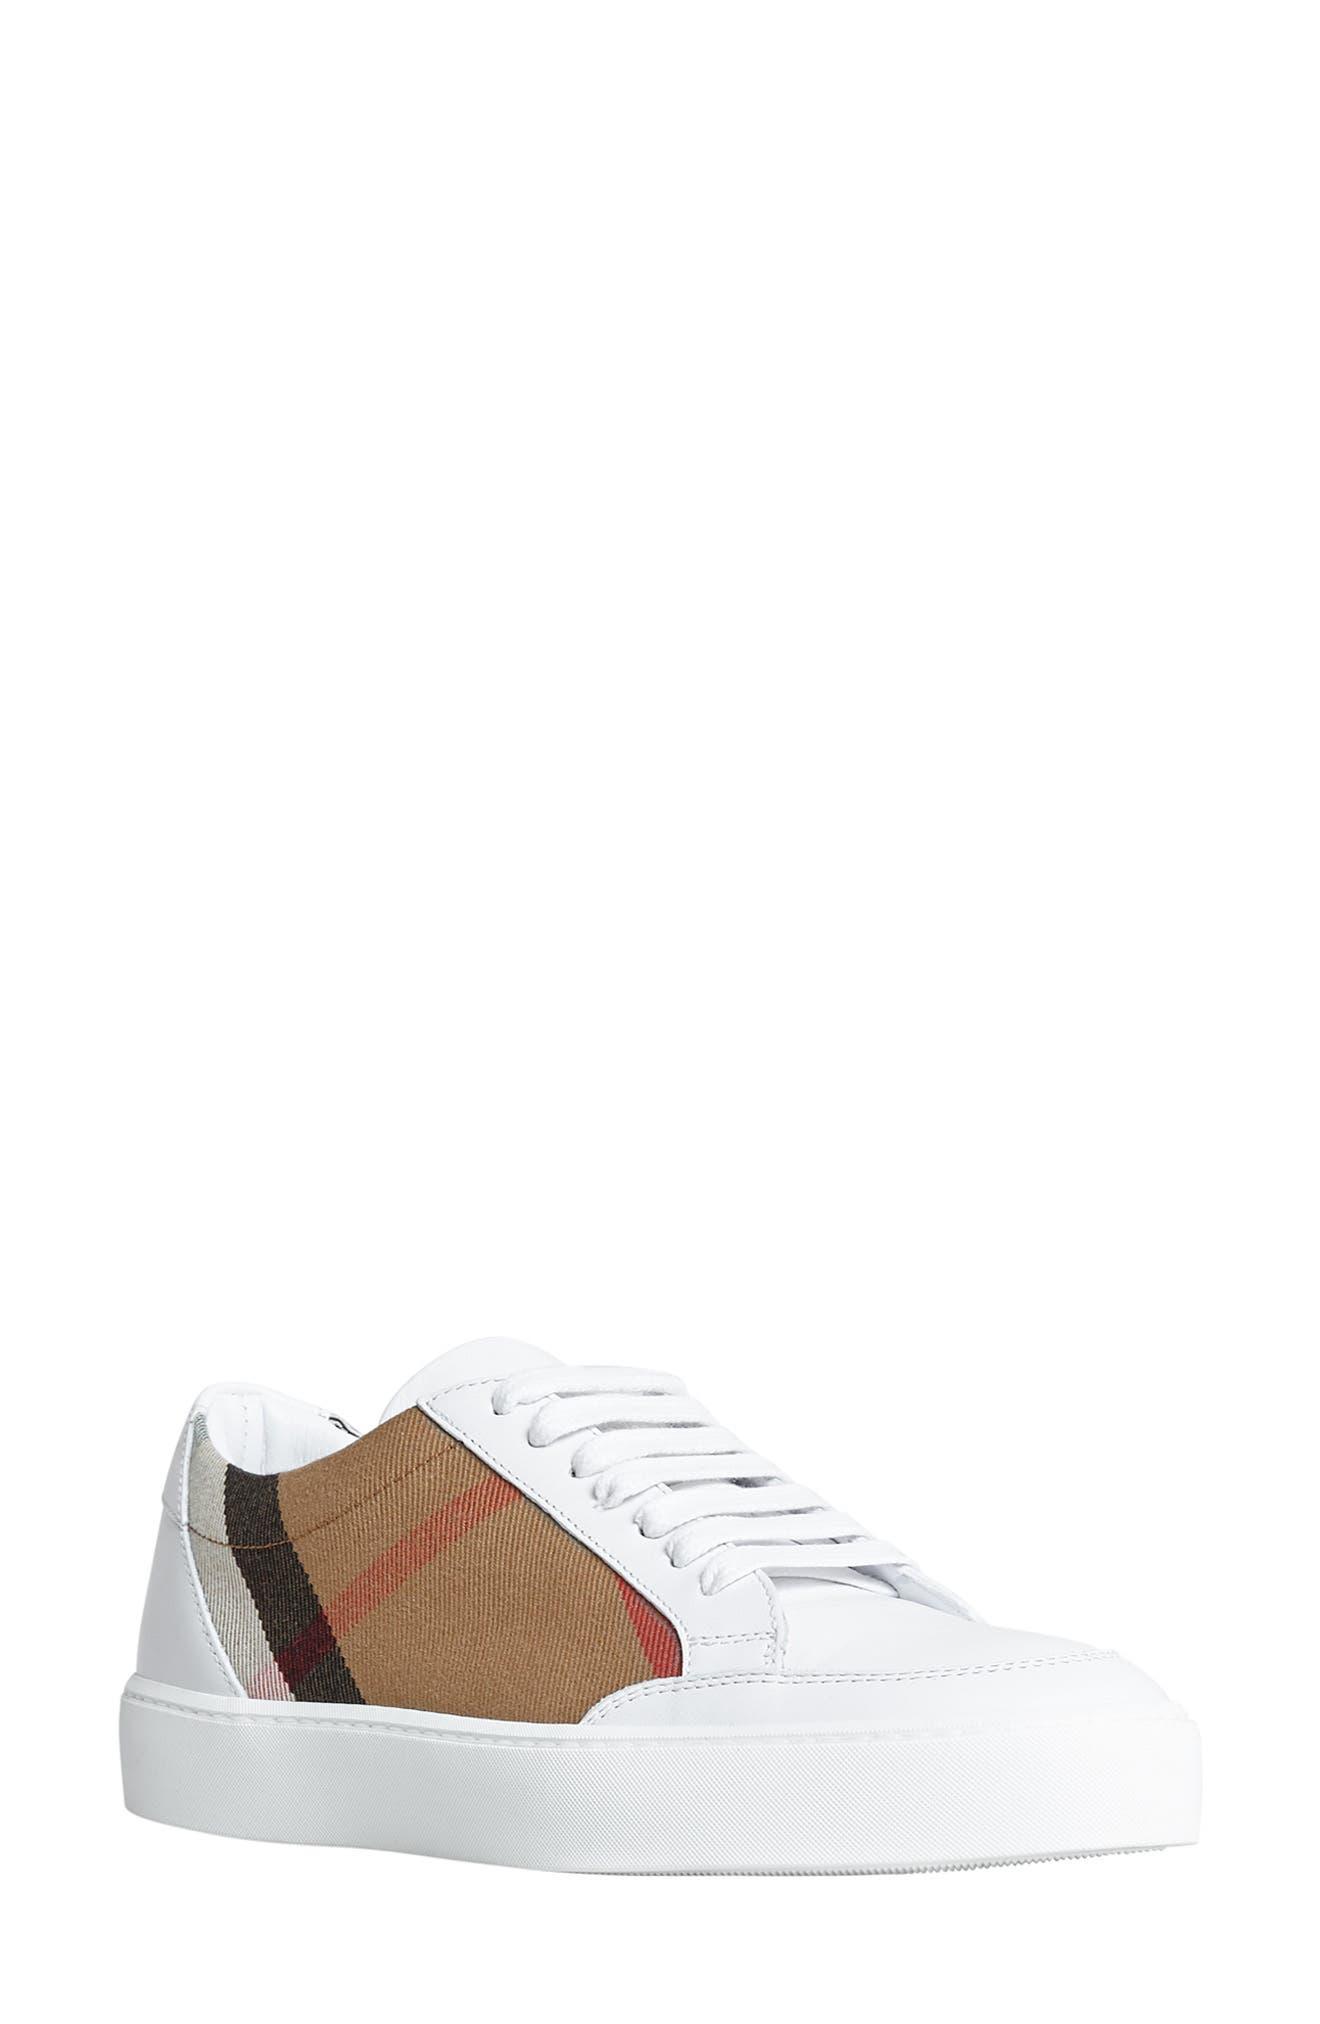 0a4d86d47d3 Burberry Women s Shoes